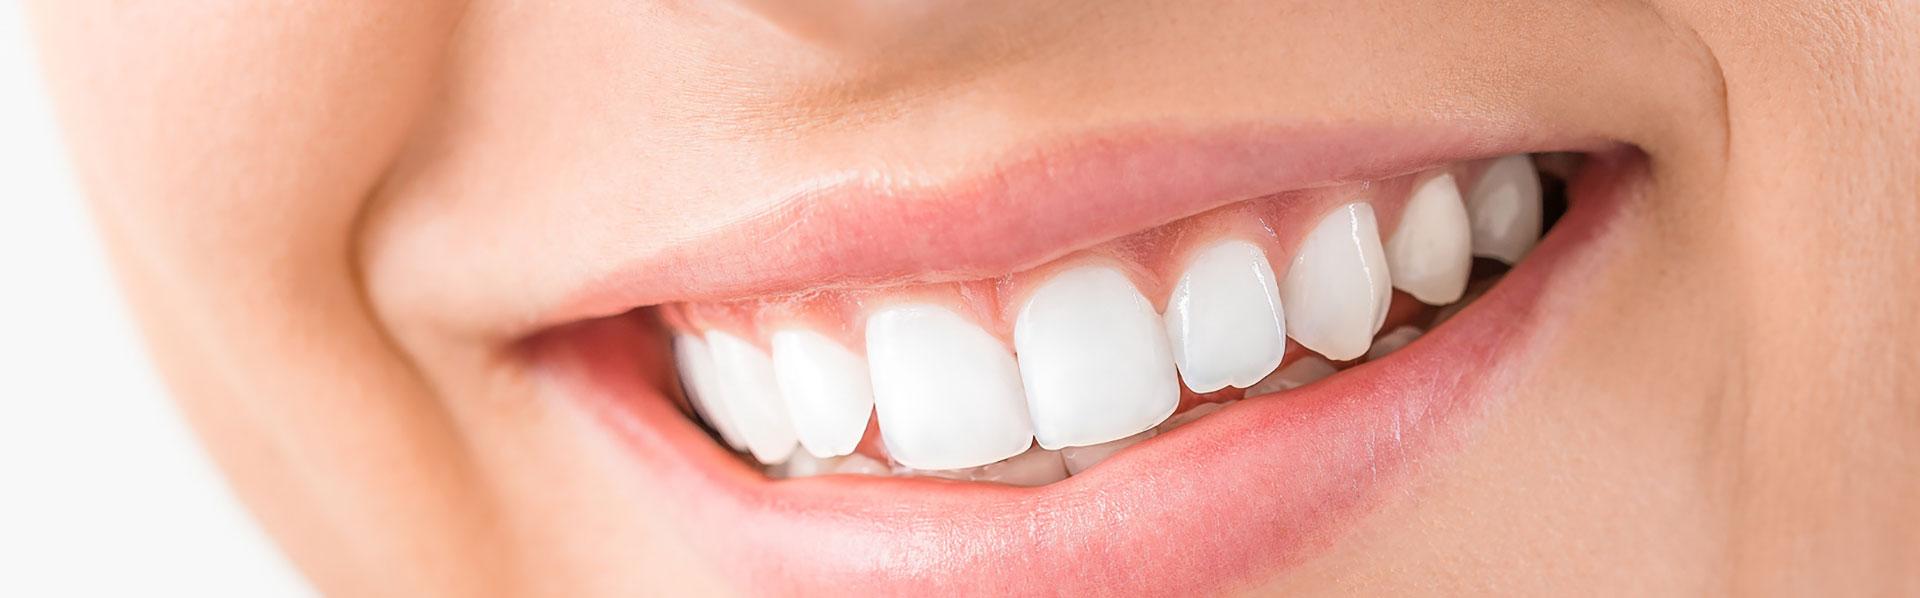 Schöne Zähne dank Zahnpflege und Kontrolle